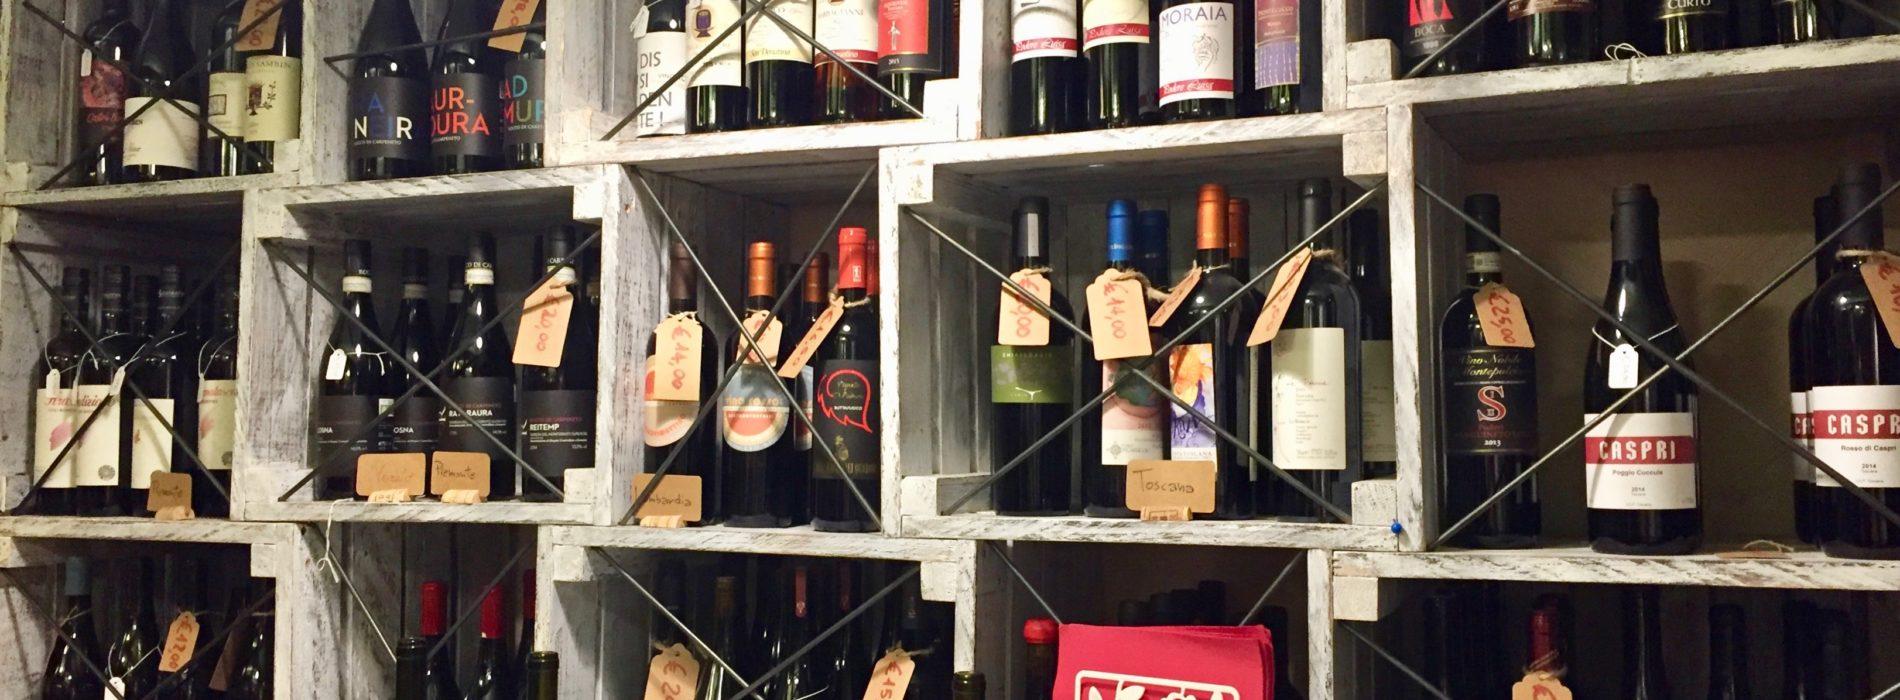 Naturavino Roma, vino naturale e prodotti a filiera corta nell'enoteca di Marconi